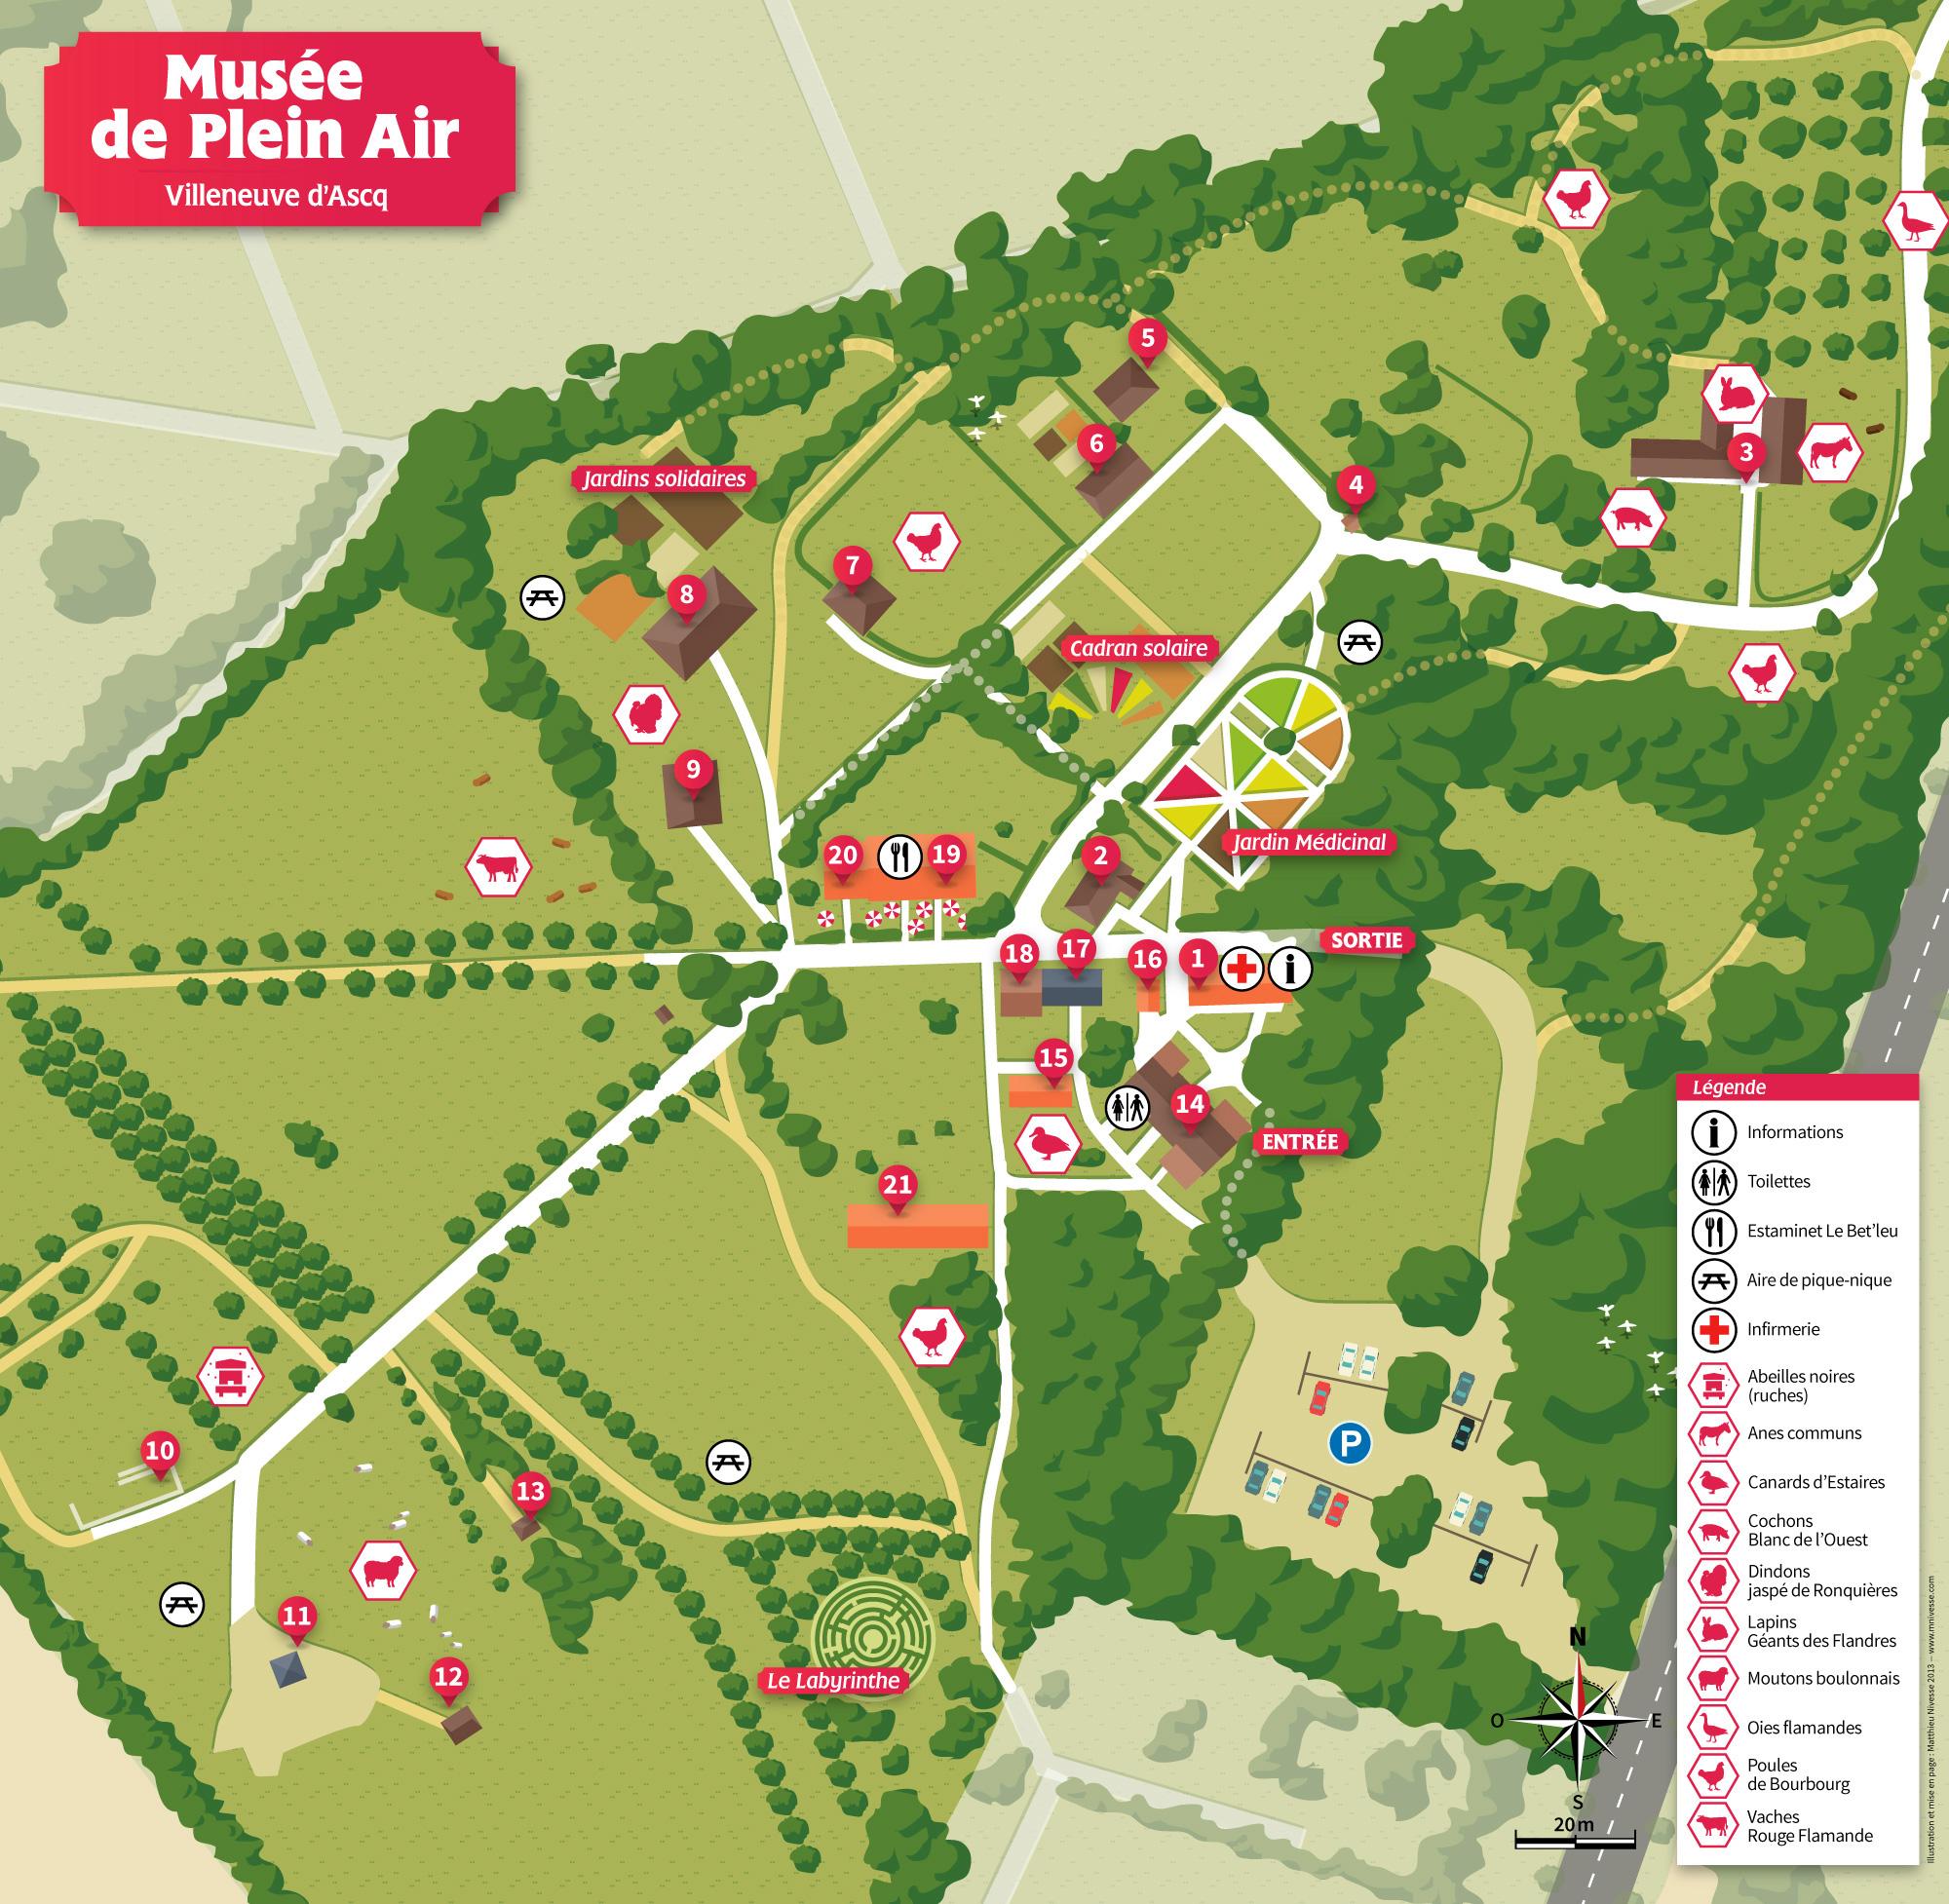 Musee Plein Air Lille Plan